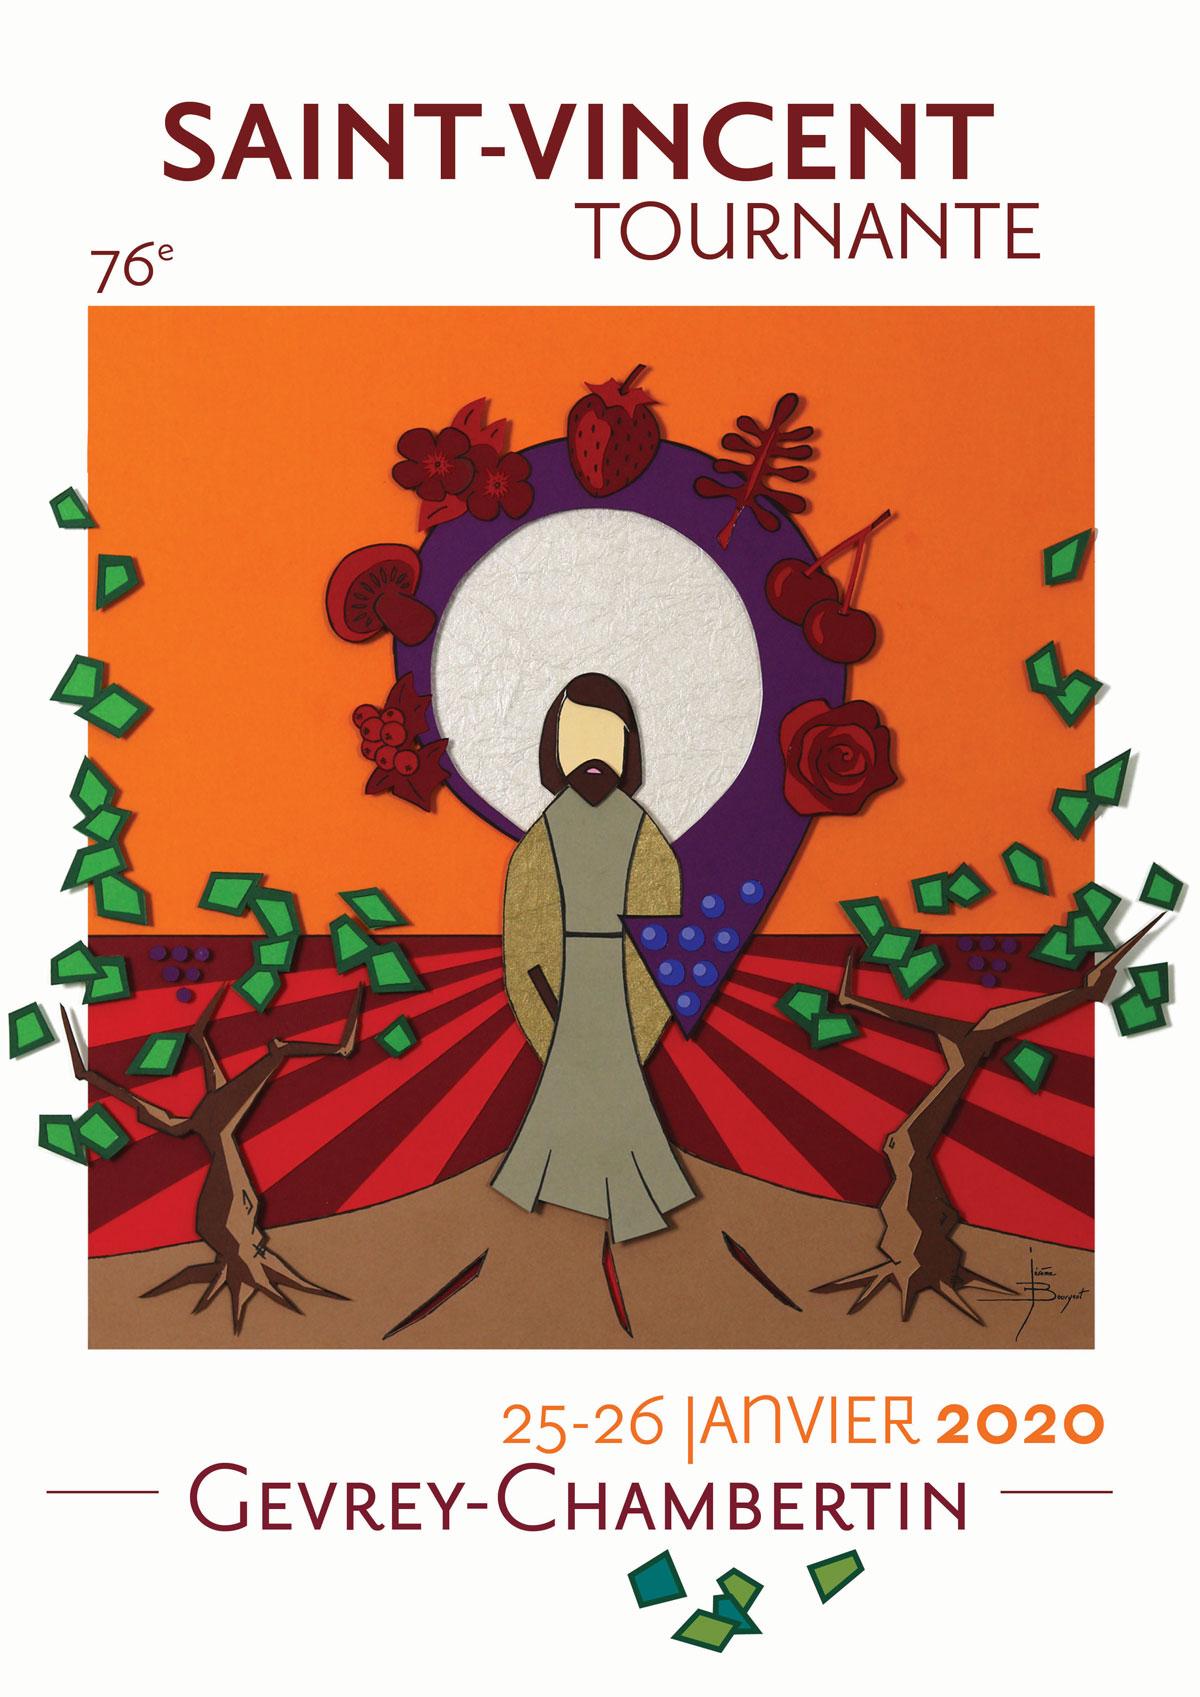 Saint Vincent Tournante Gevrey Chambertin 2020 - Affiches officielles